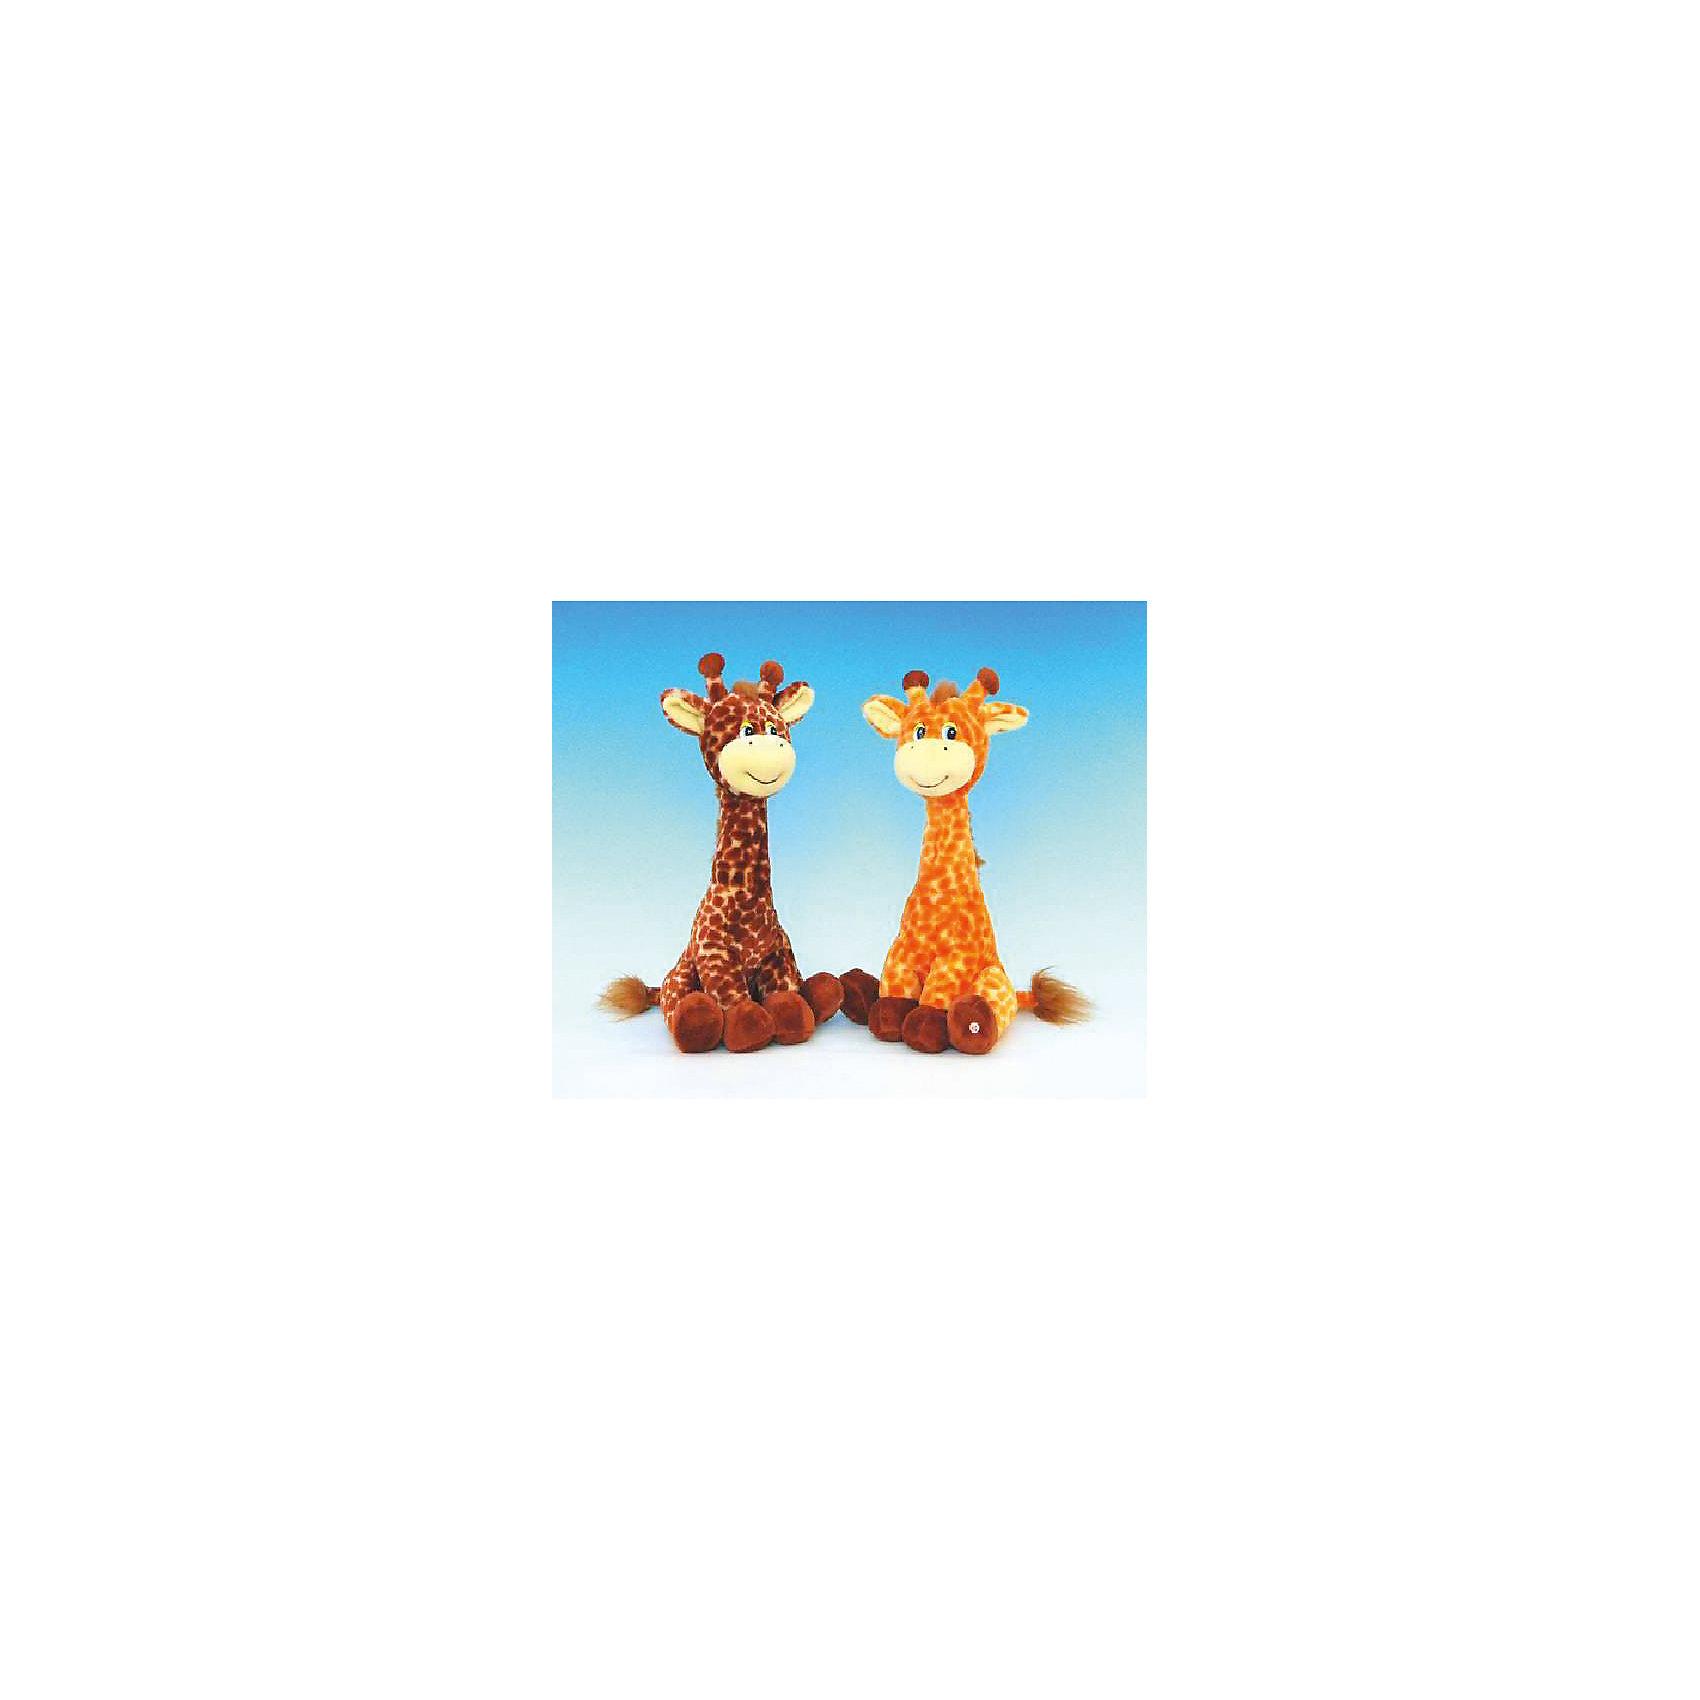 Жирафик, музыкальный, 31см., LAVAМилый музыкальный жирафик споет малышам песенку и покорит своим очарованием. Игрушка выполнена из высококачественных материалов, очень приятна на ощупь, безопасна даже для малышей. <br><br>Дополнительная информация:<br><br>- Материал: искусственный мех, текстиль, синтепон, пластик.<br>- Размер: 31 см. <br>- Поет песенку <br>- Элемент питания: батарейка (в комплекте).<br><br>Жирафика, музыкального, 31 см., LAVA (ЛАВА), можно купить в нашем магазине.<br><br>Ширина мм: 150<br>Глубина мм: 150<br>Высота мм: 310<br>Вес г: 220<br>Возраст от месяцев: 36<br>Возраст до месяцев: 1188<br>Пол: Унисекс<br>Возраст: Детский<br>SKU: 4444145